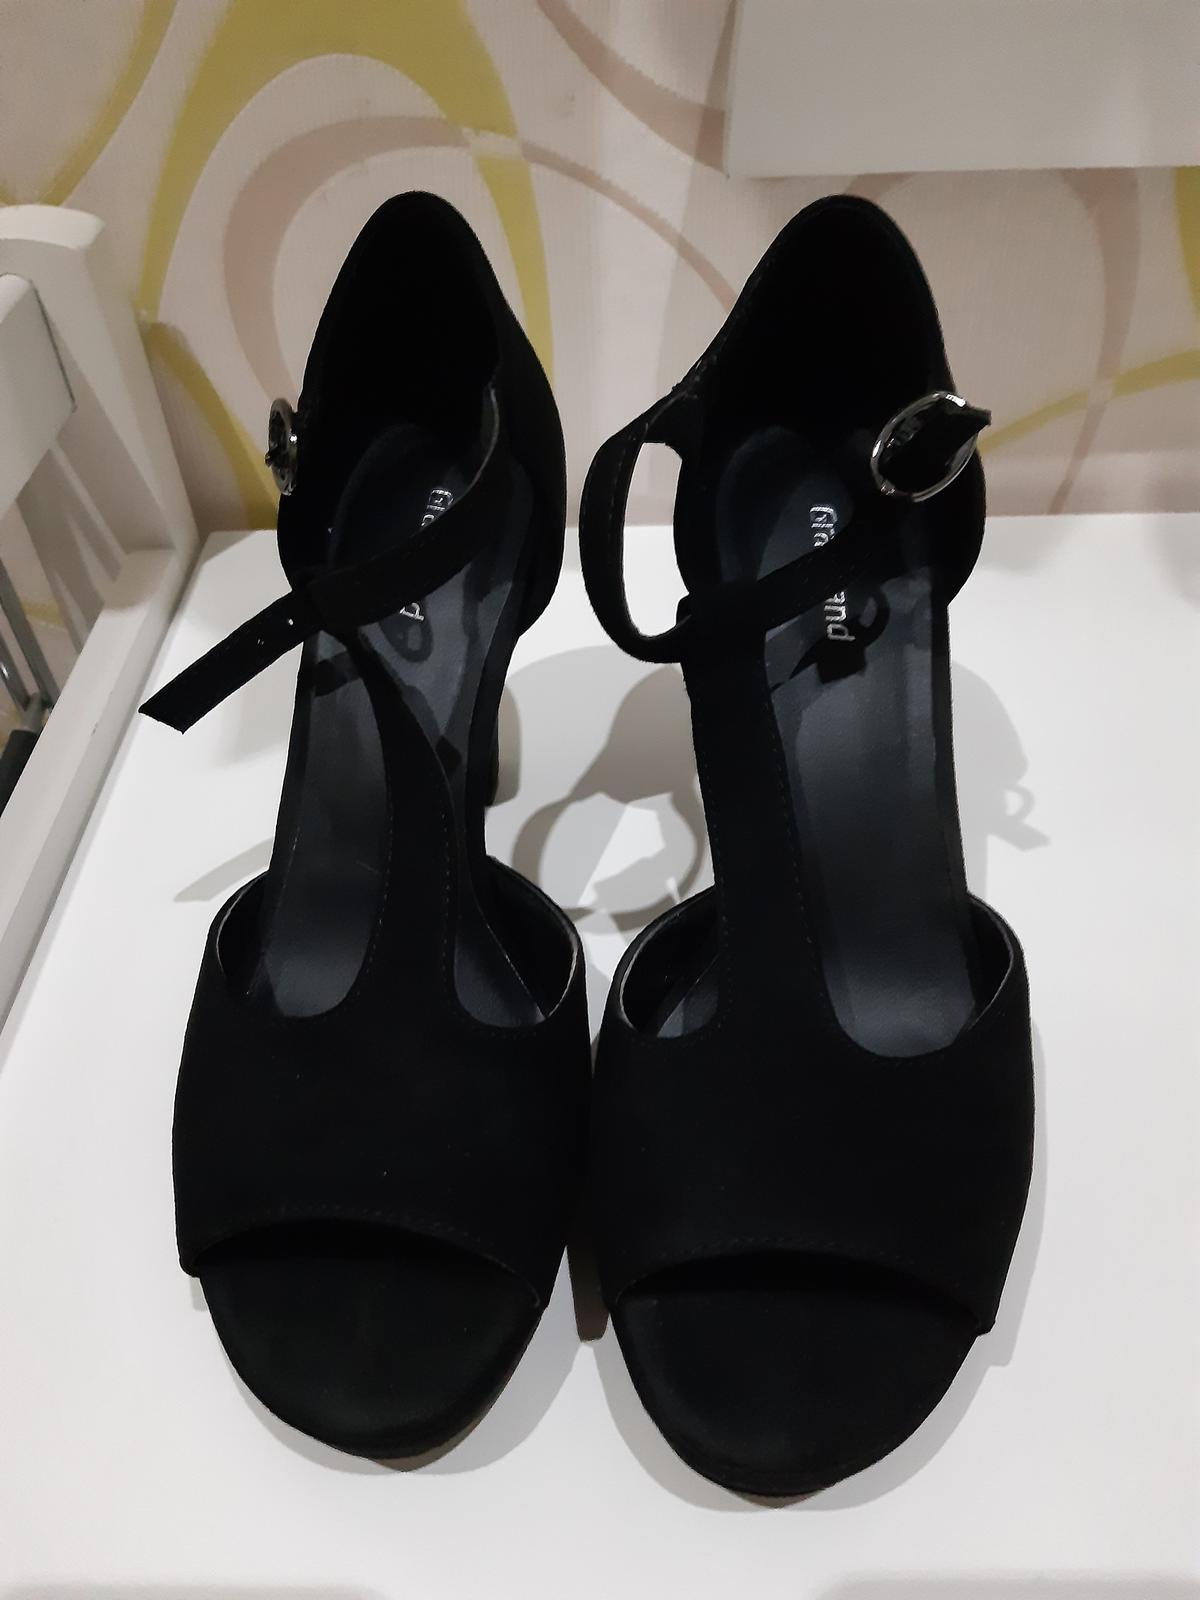 Elegantné čierne sandále - Obrázok č. 1